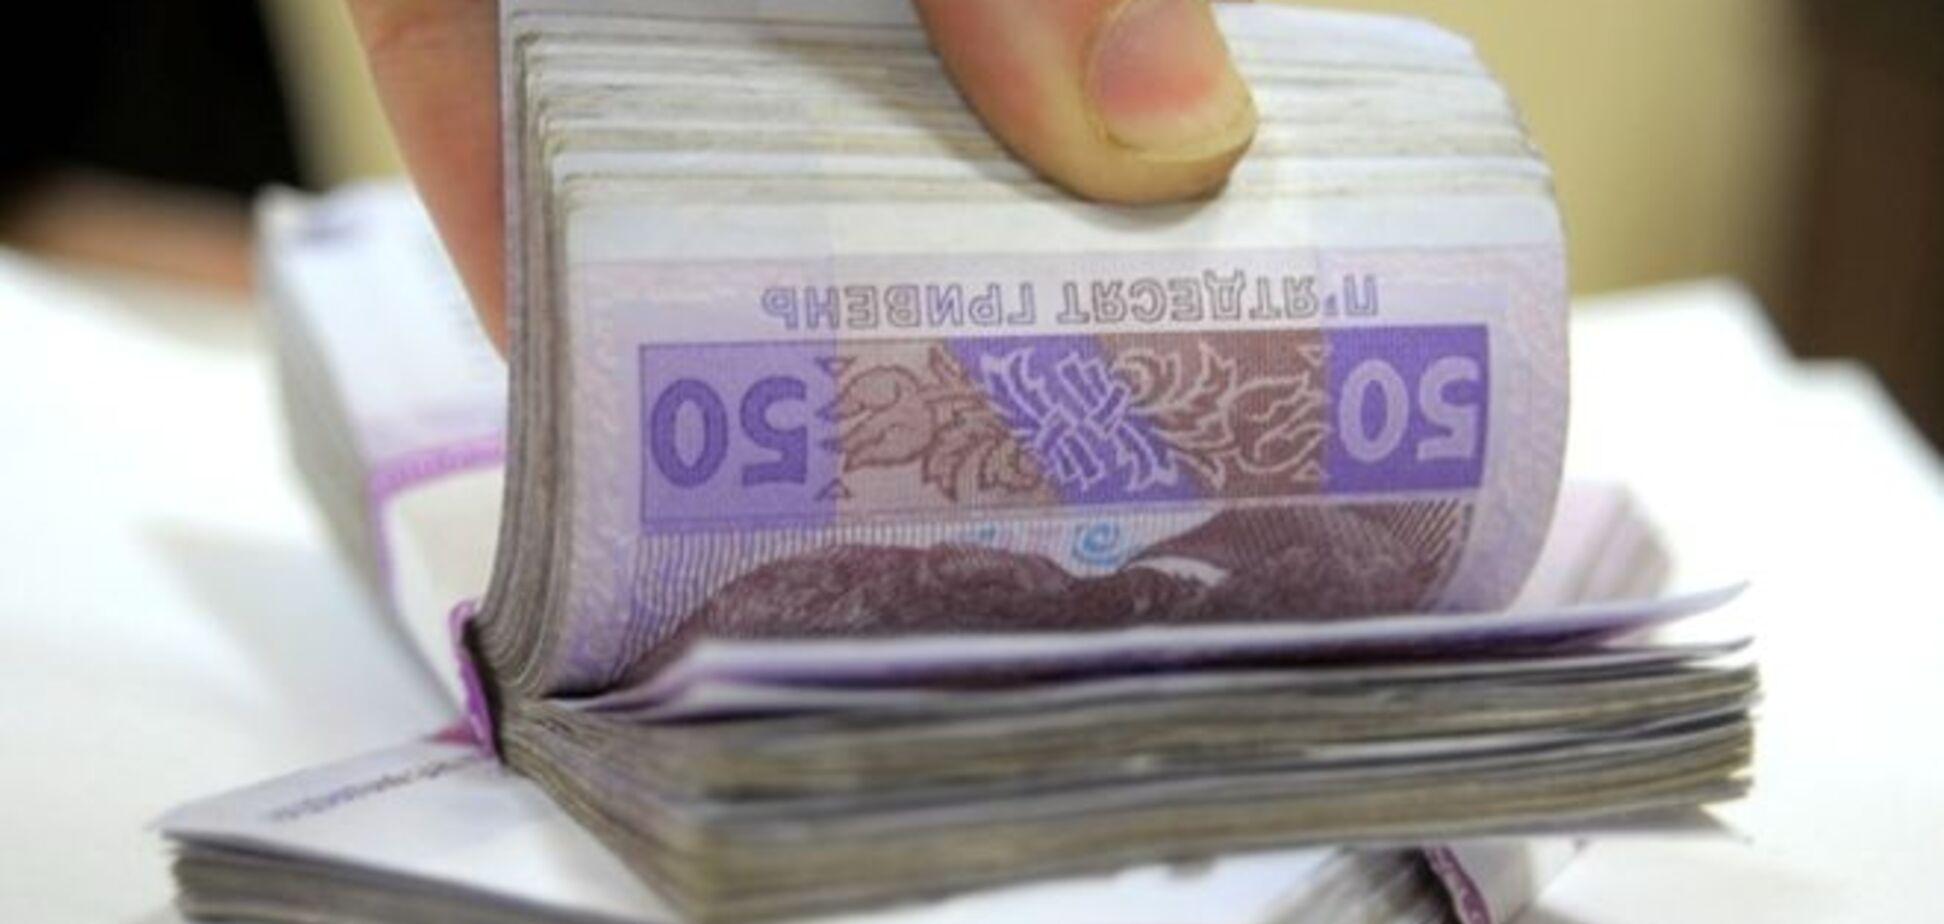 Глава райсовета в Одесской области погорел на взятке в 100 тыс. грн